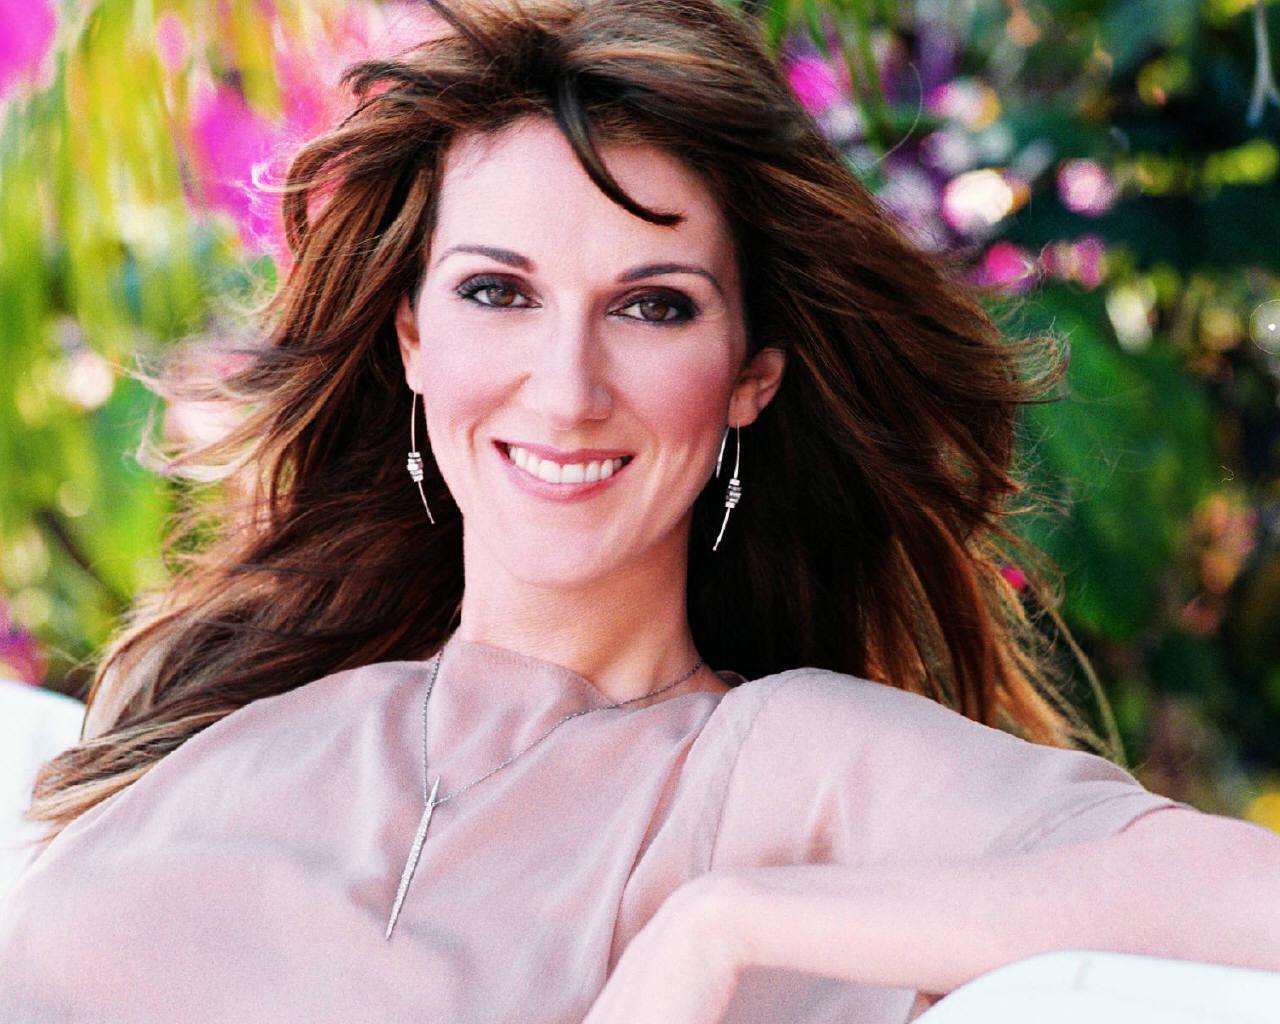 http://images.fanpop.com/images/image_uploads/Celine-Dion-celine-dion-131605_1280_1024.jpg